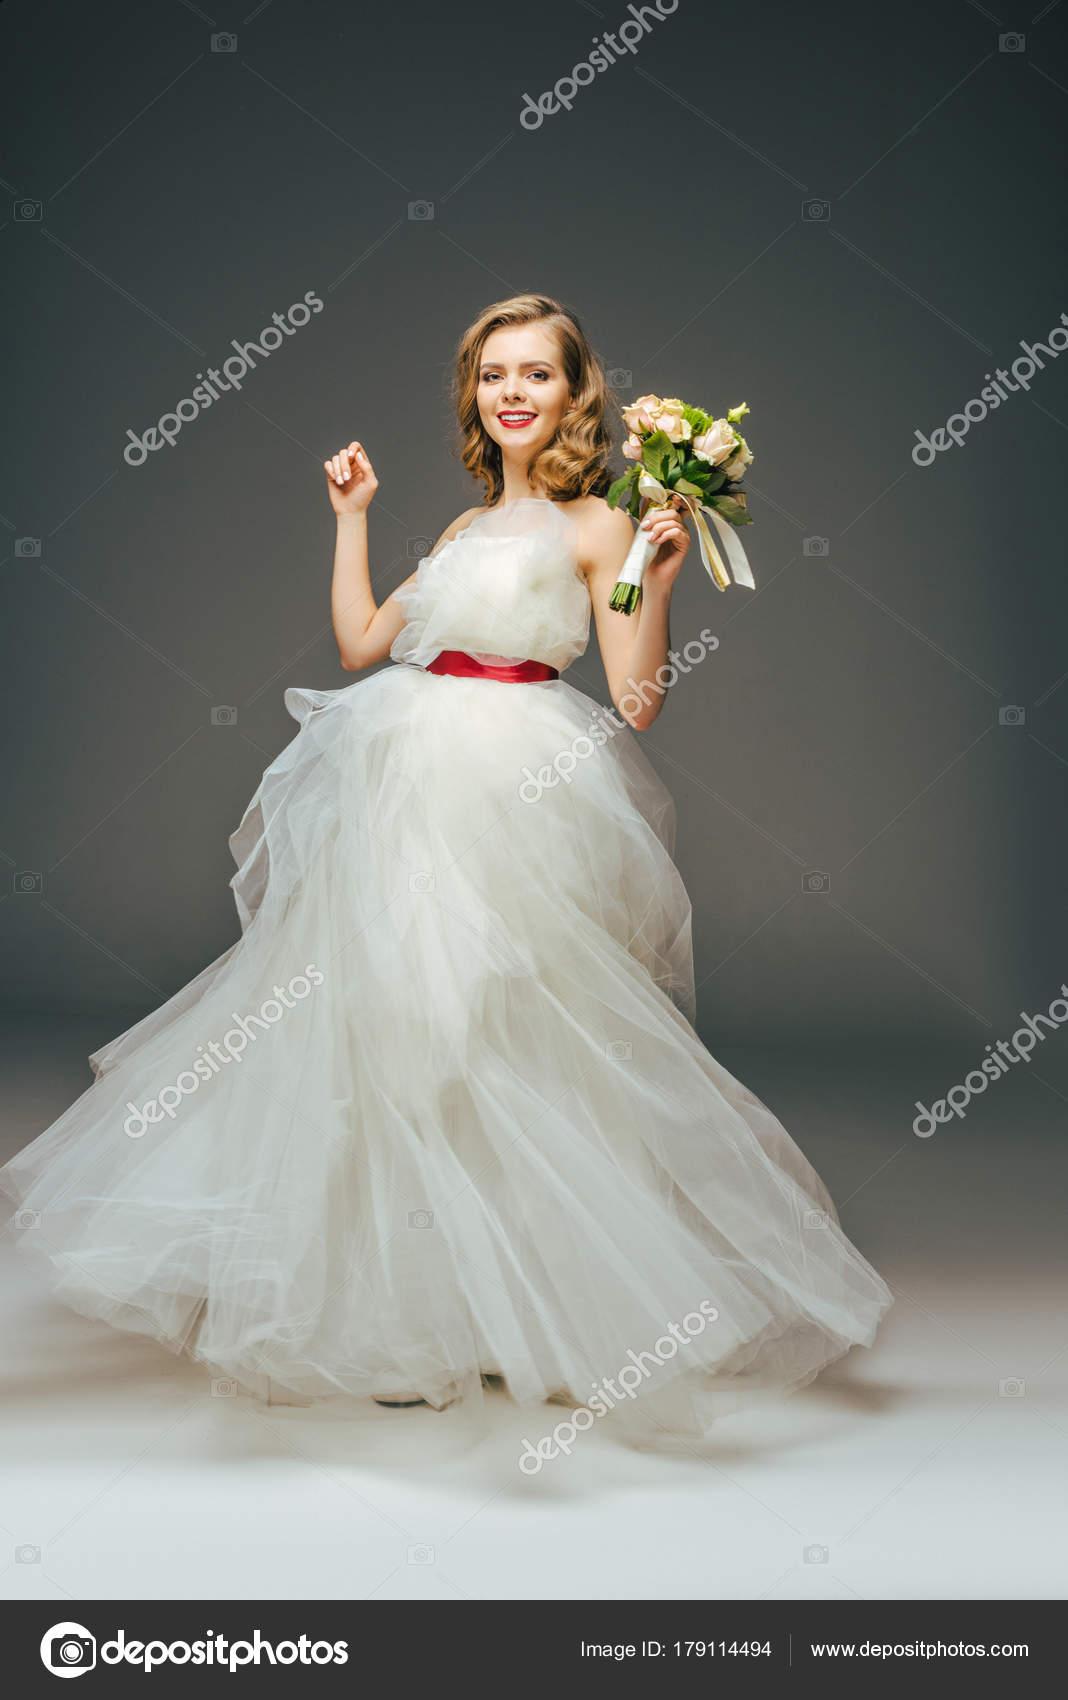 Braut Schonen Hochzeitskleid Mit Blumen Der Hand Lachelnd